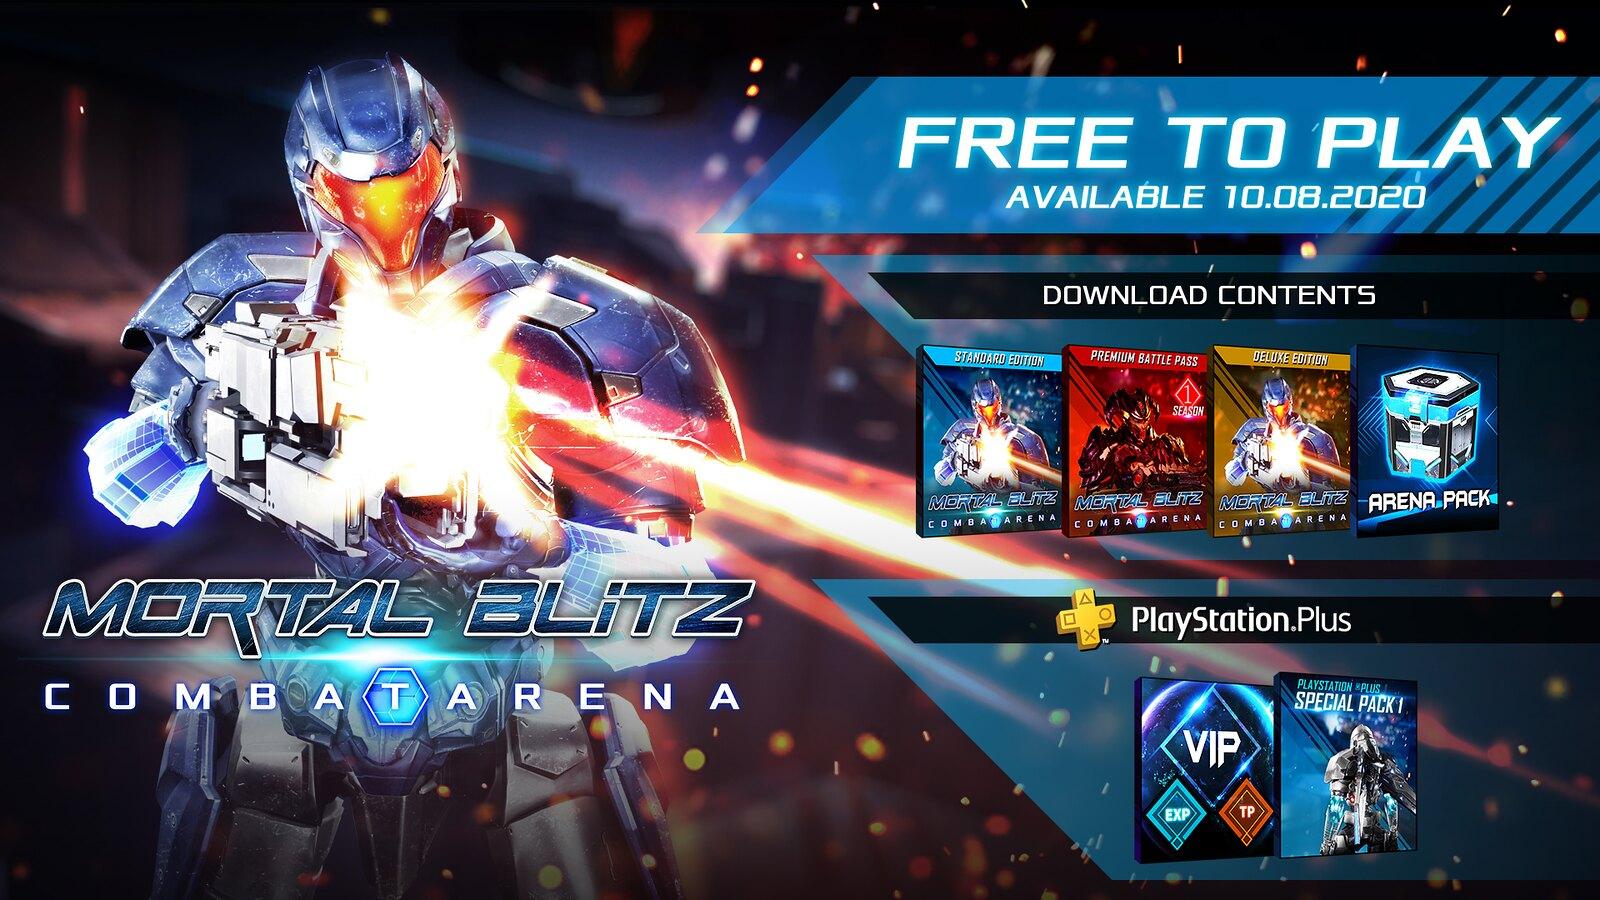 Mortal Blitz Combat Arena 8 Octubre PSVR